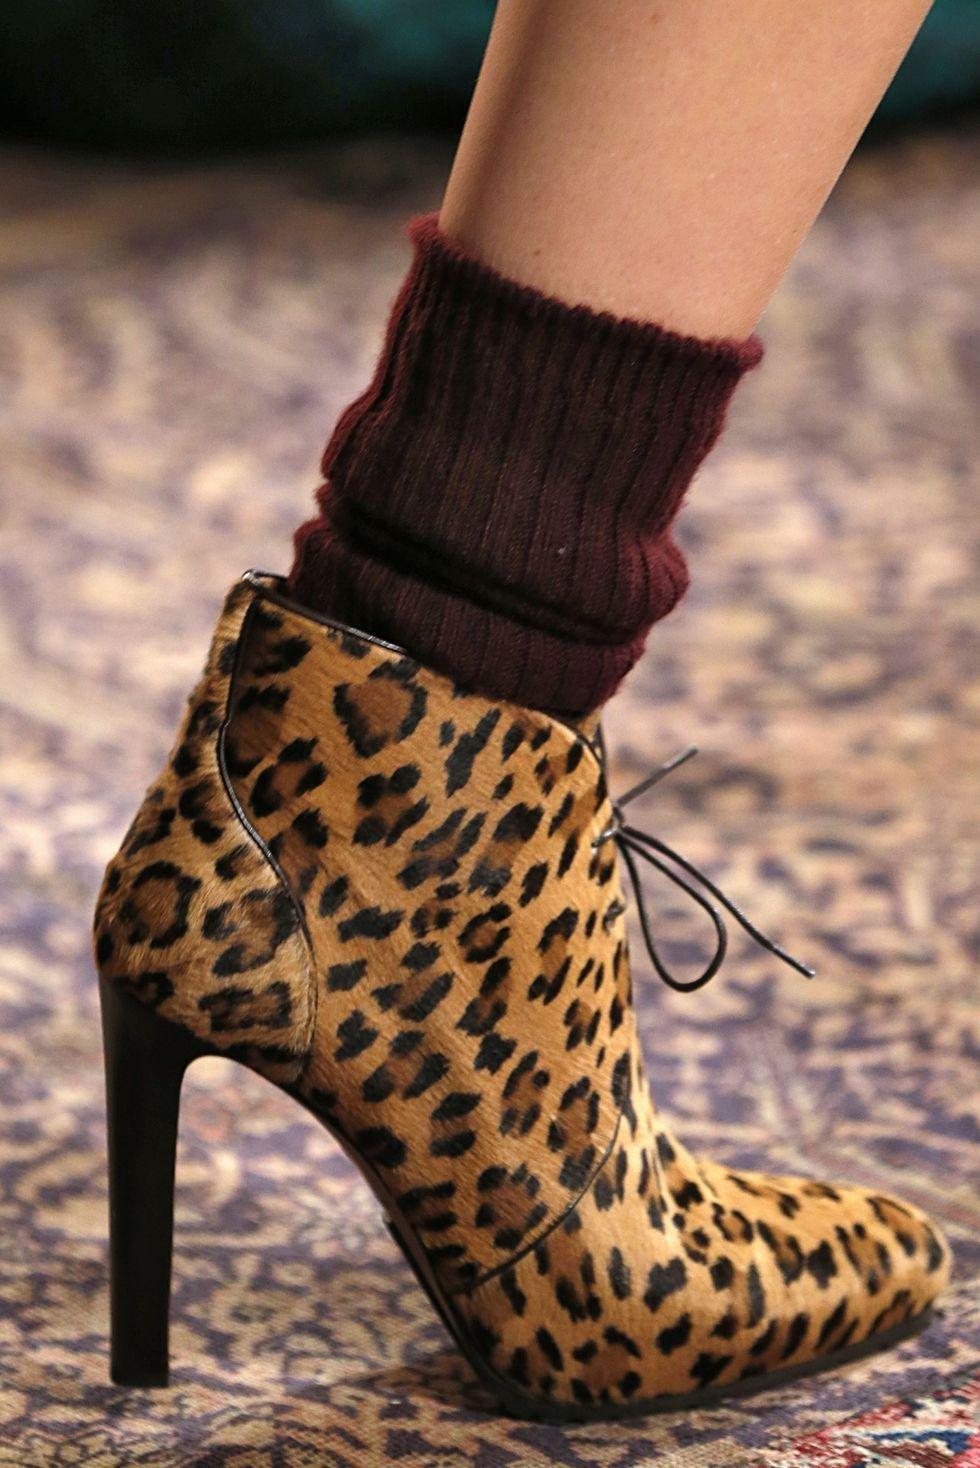 بوتس عالي حذاء احذية رائجة تصميم حذاء رائج ربيع 2019  رالف لورين ralph lauren